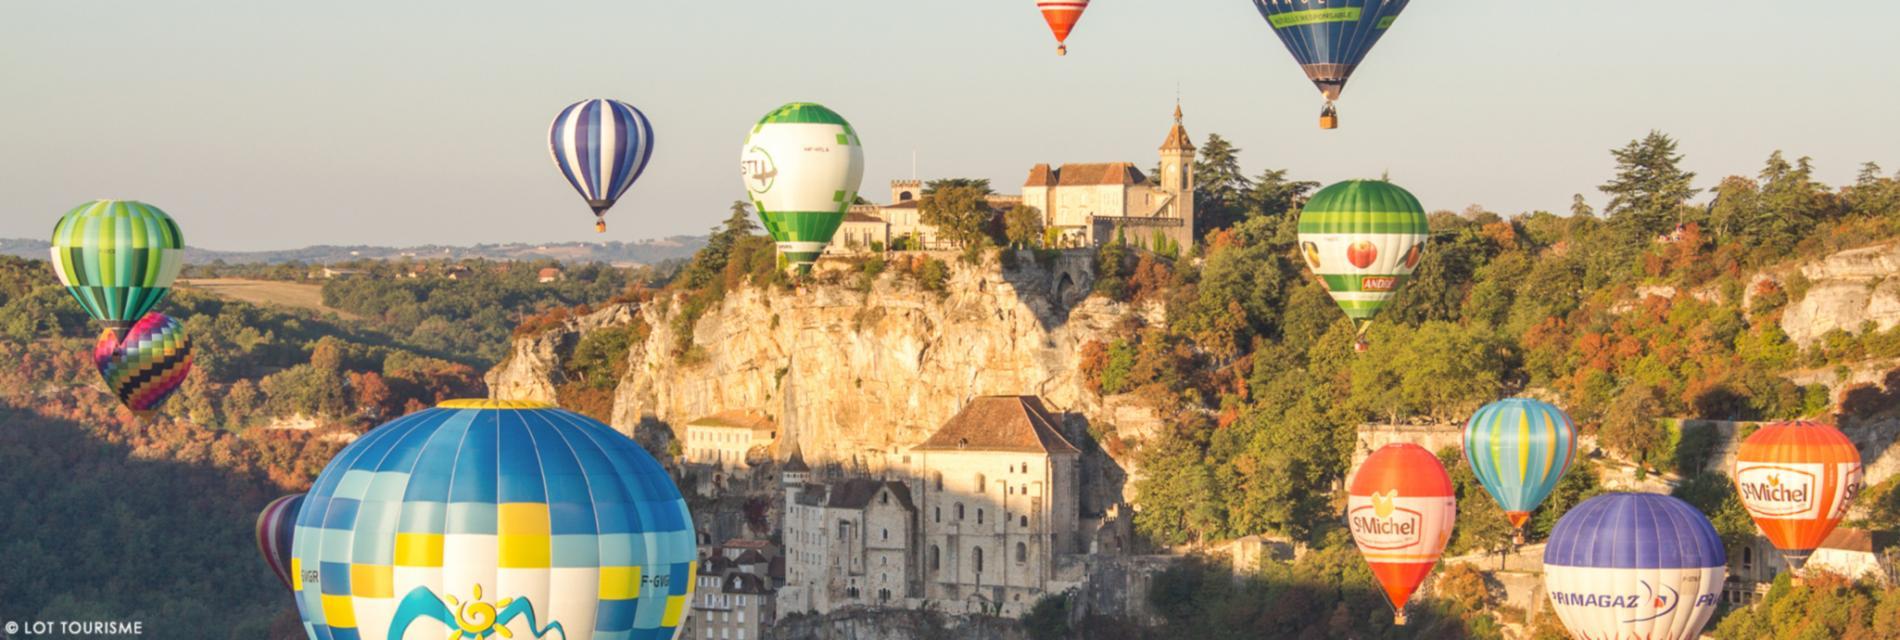 Slide Rocamadour